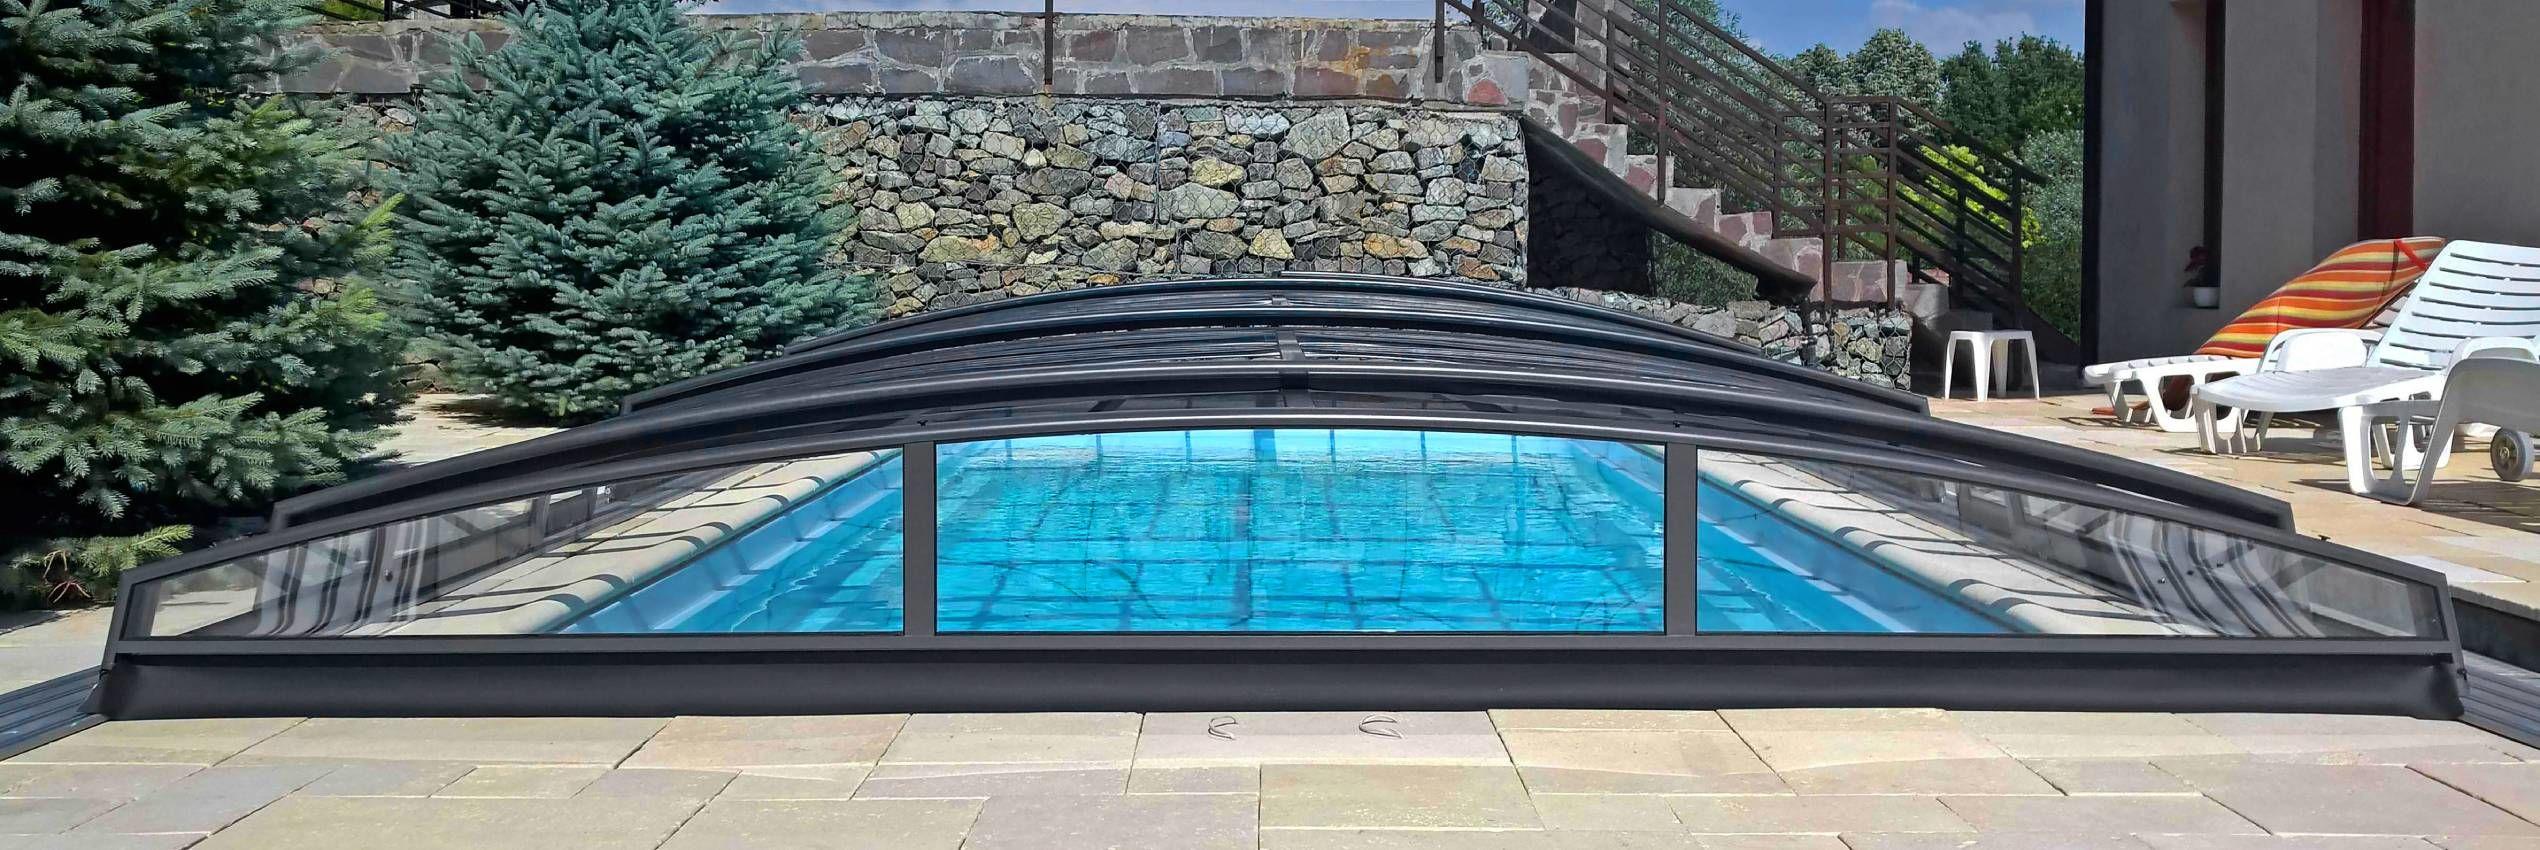 Základní nízká zastřešení bazénu